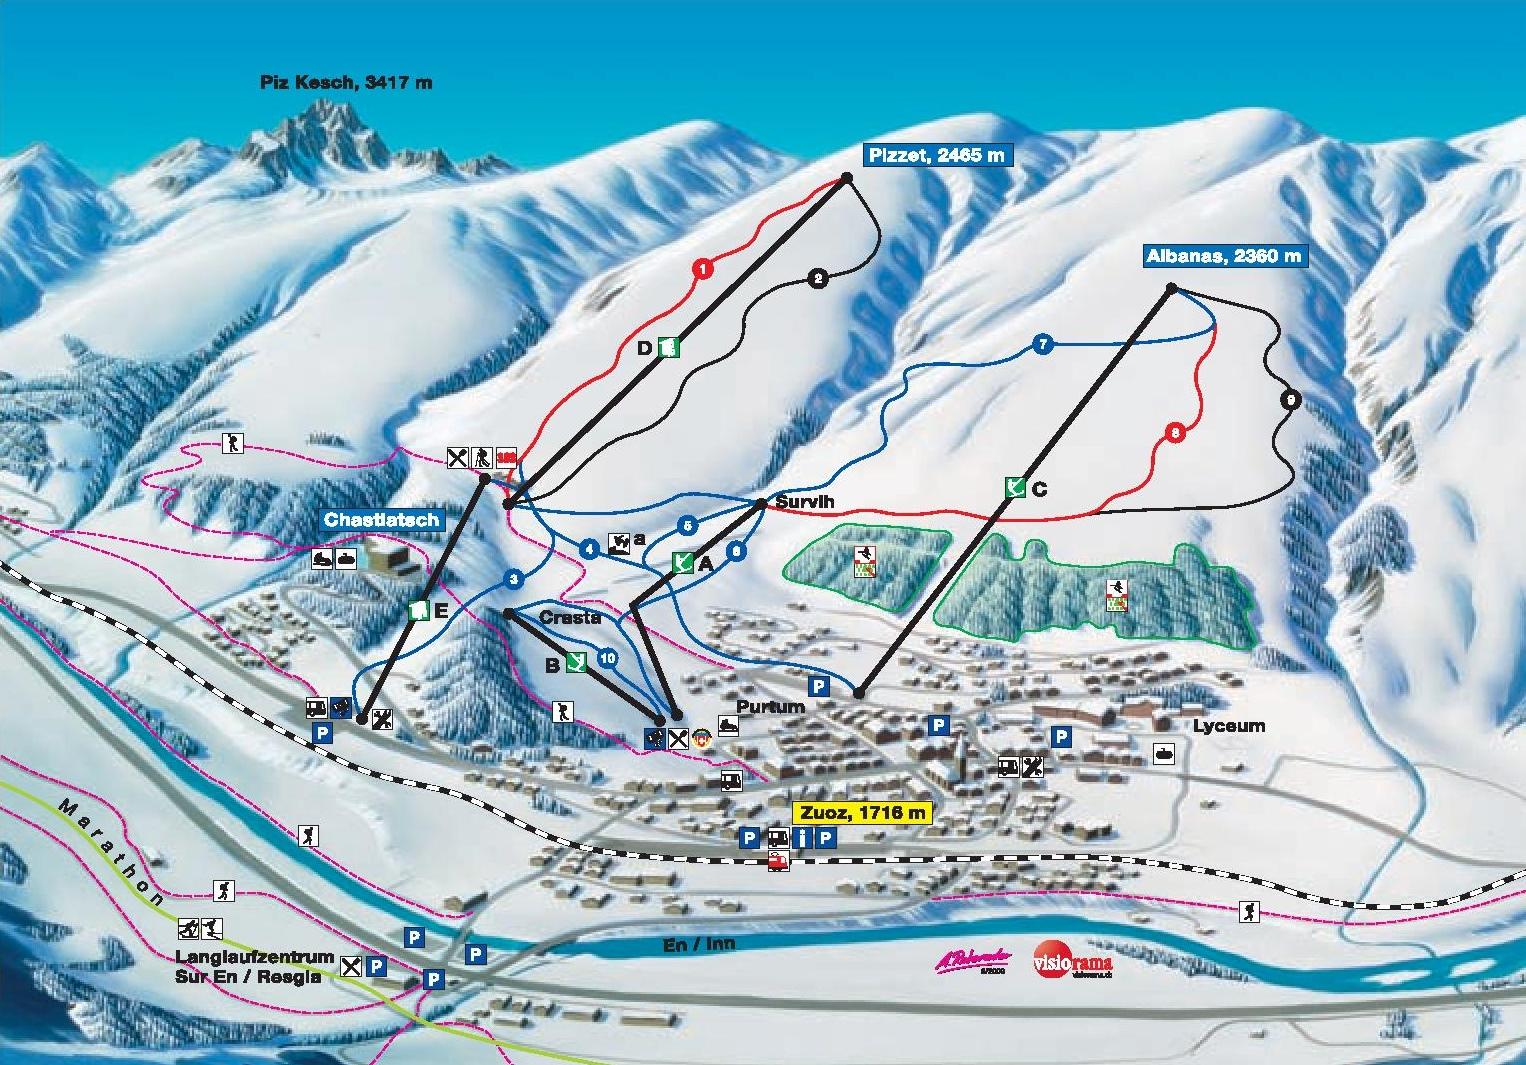 St Moritz Zuoz piste map